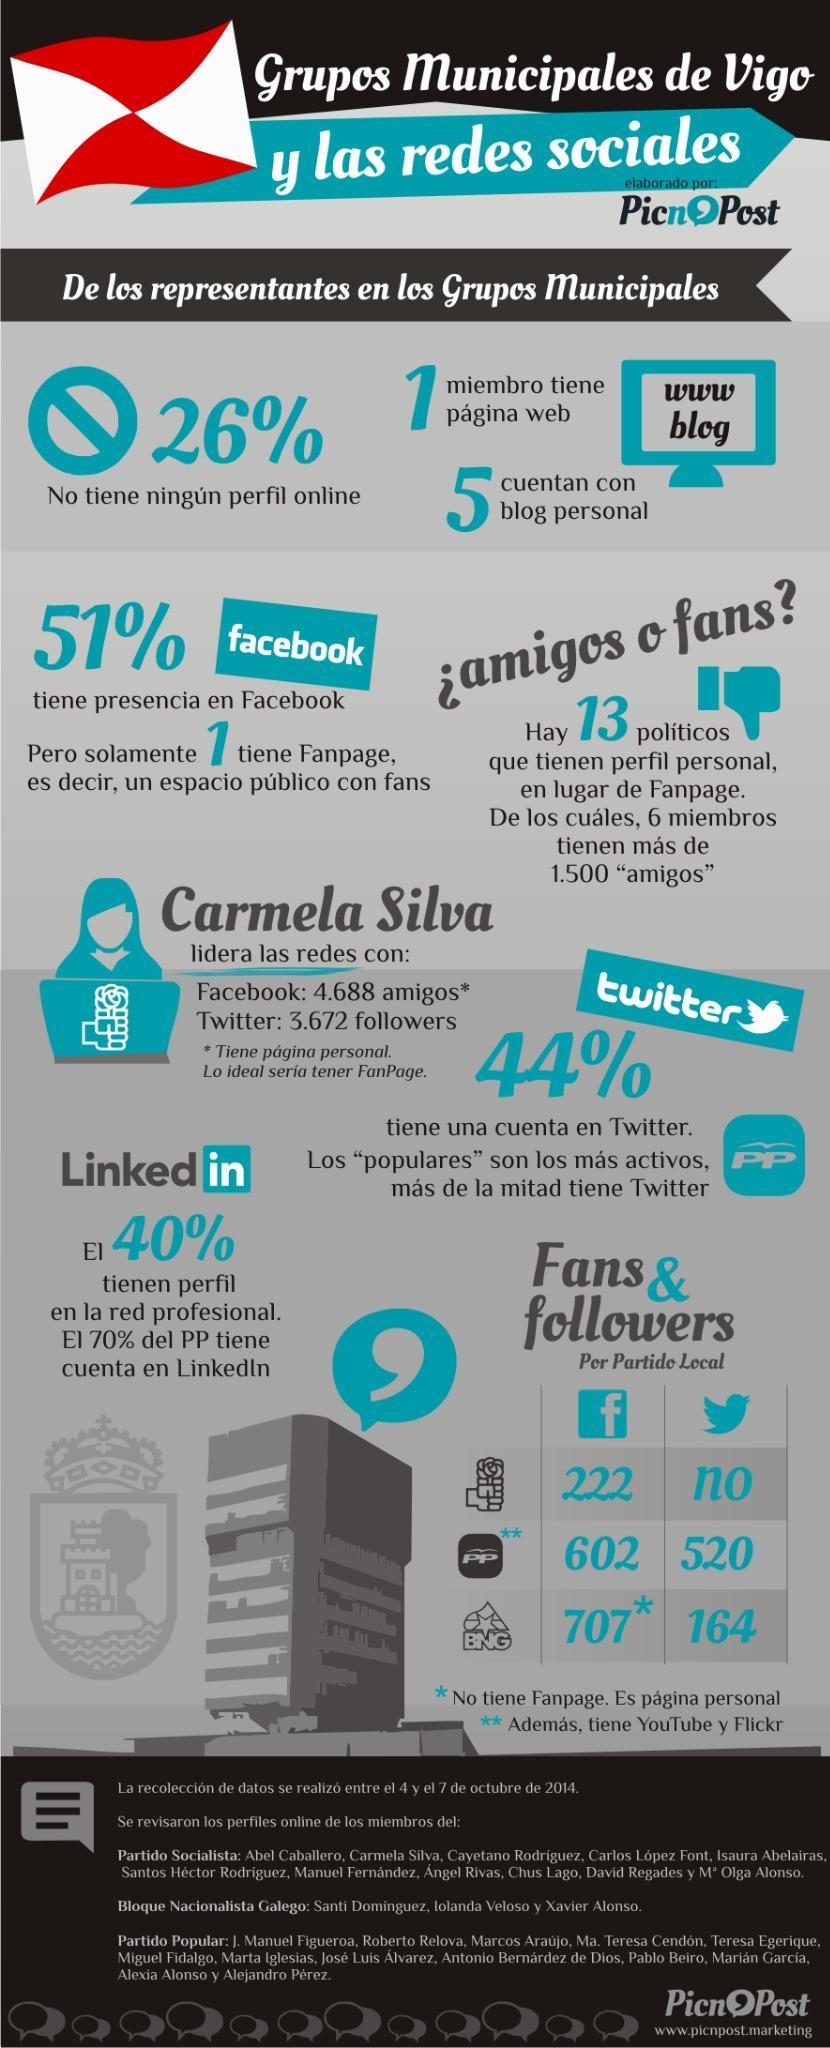 Grupos municipales de Vigo y las Redes Sociales